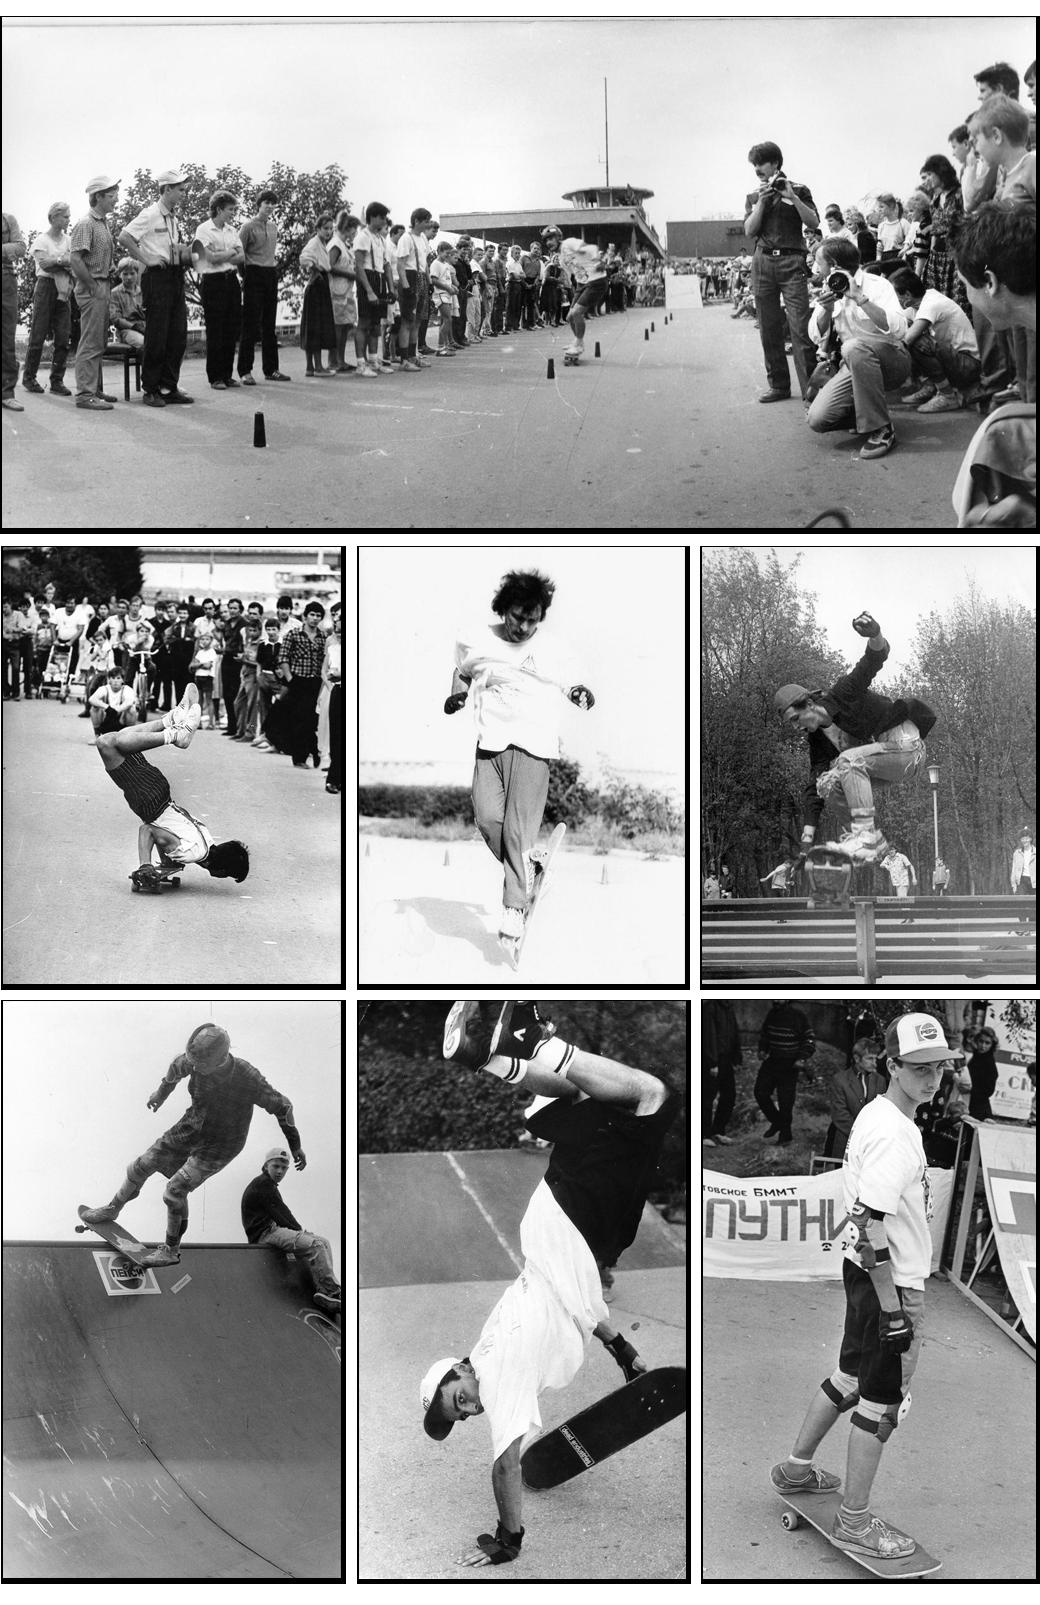 Фотоархив: Скейтеры в Советском Союзе и после перестройки. Изображение № 5.